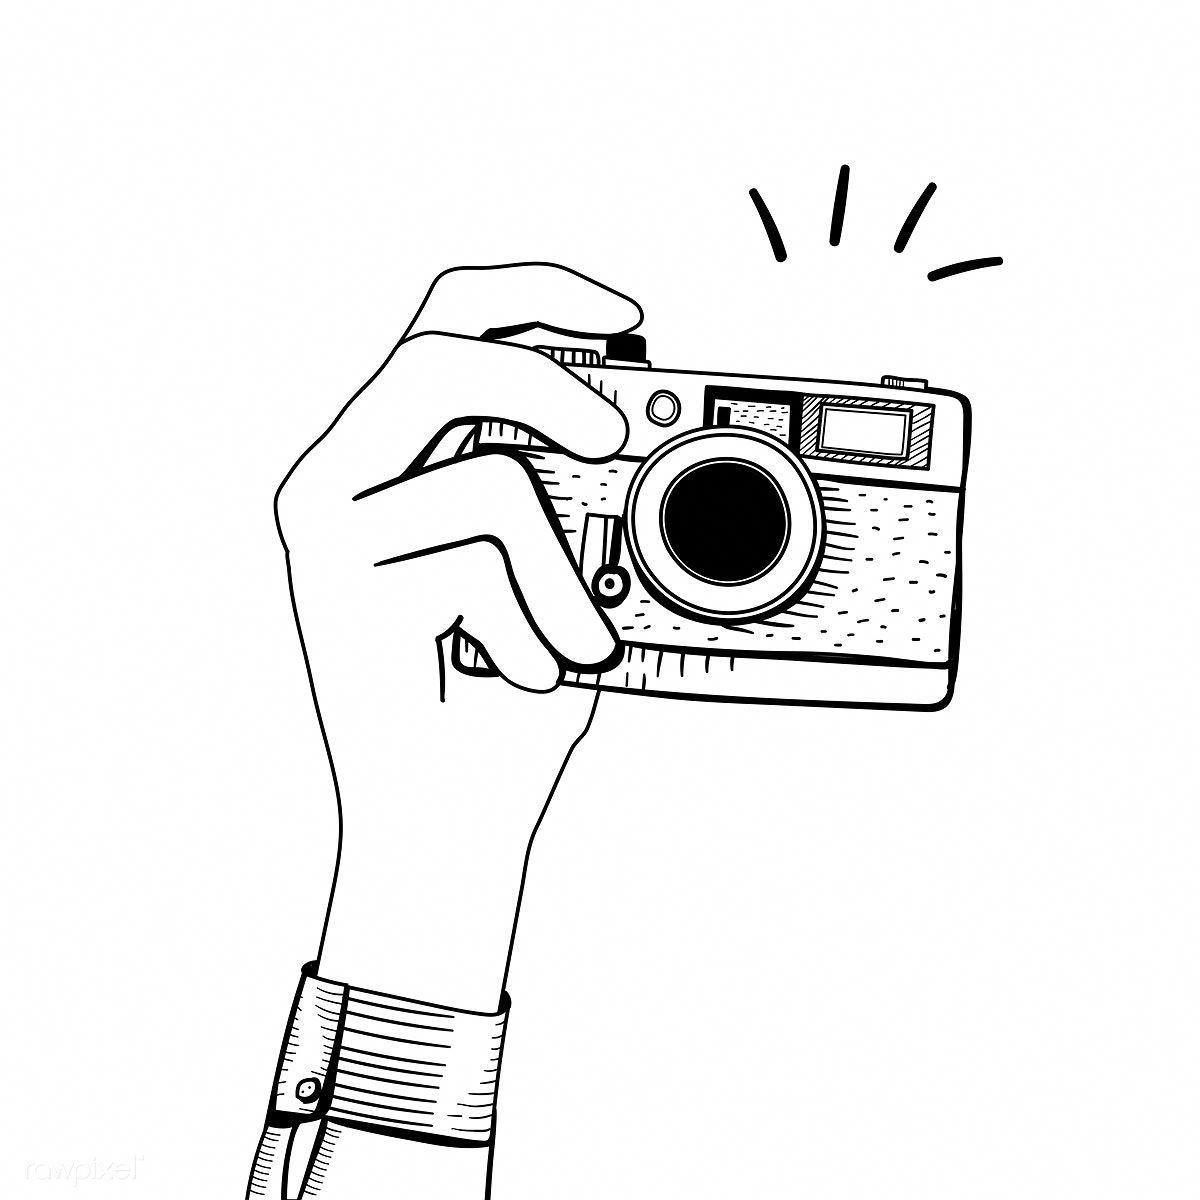 Diseno De Camara Vector De Camara Camara De Vlogging Camara De Cine Camara Profesional Lente De La Camara Fotograf Makineleri Fotograf Makinesi Cizimler